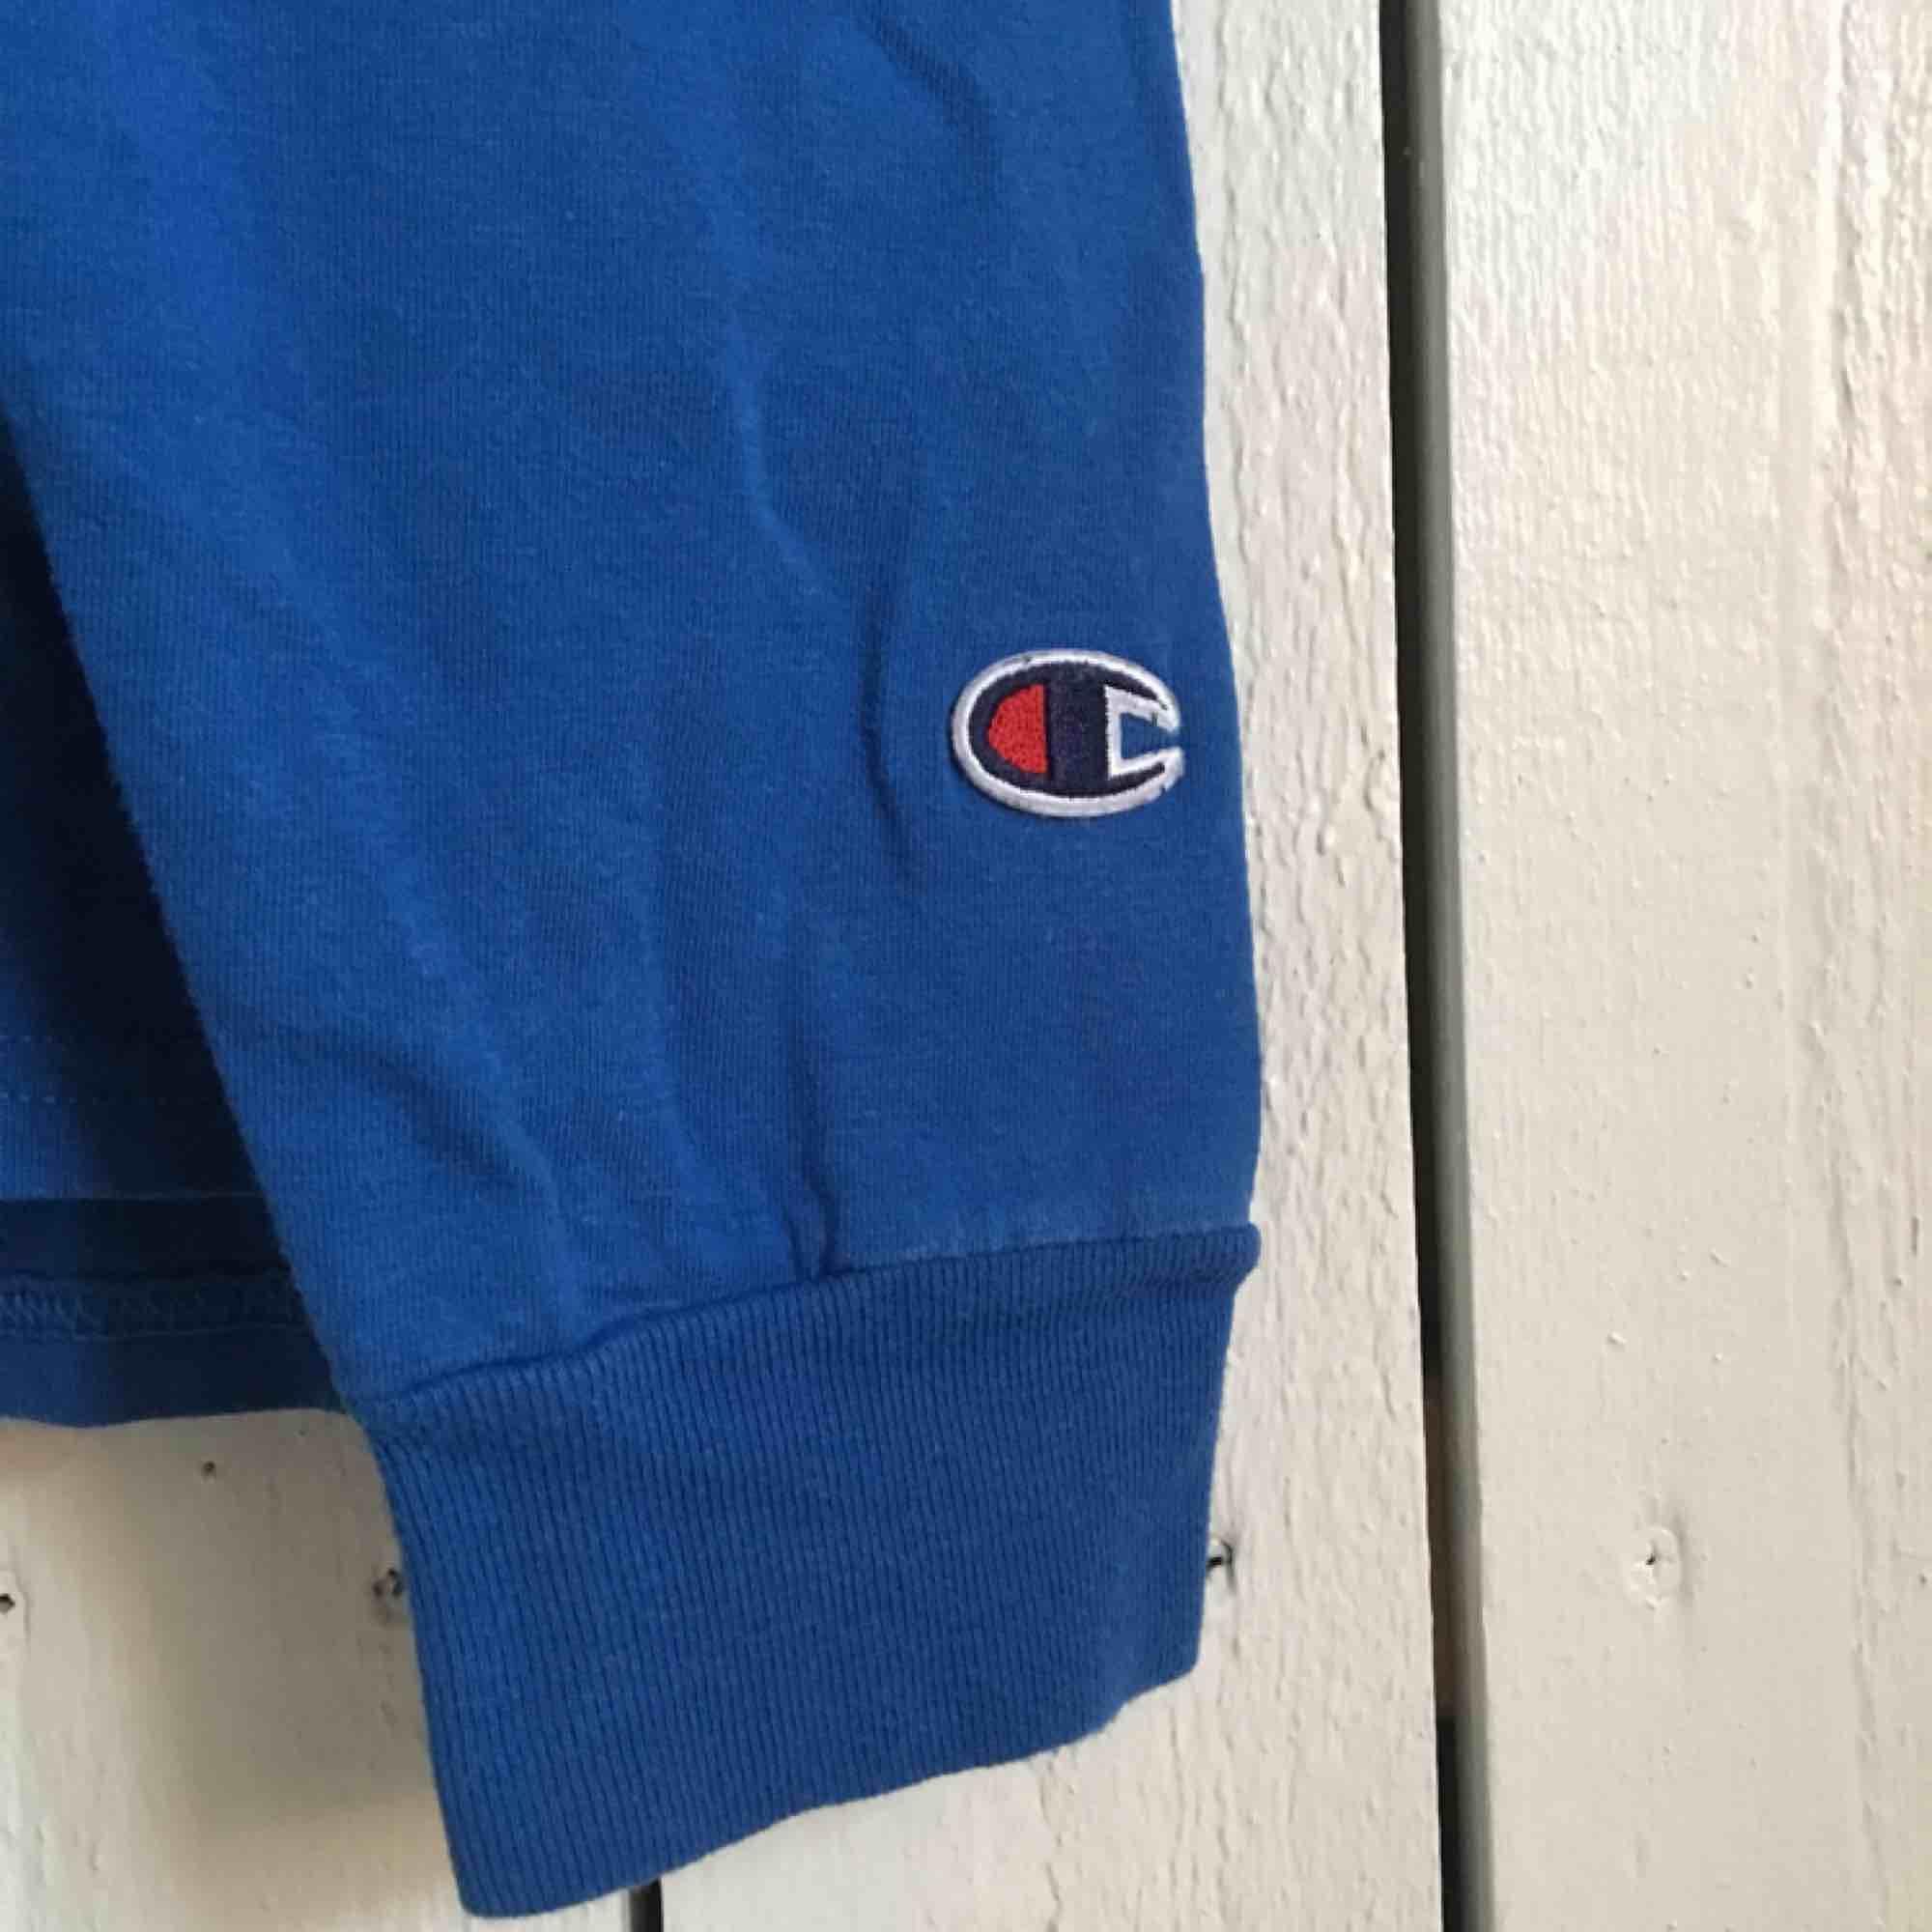 Champion Authentic långärmad t-shirt i blå. Slitstarkt material och är i ett bra skick! Har en bröstficka samt broderad logo på ärmen. Frakt tillkommer alternativt mötas upp i Gbg.. Tröjor & Koftor.